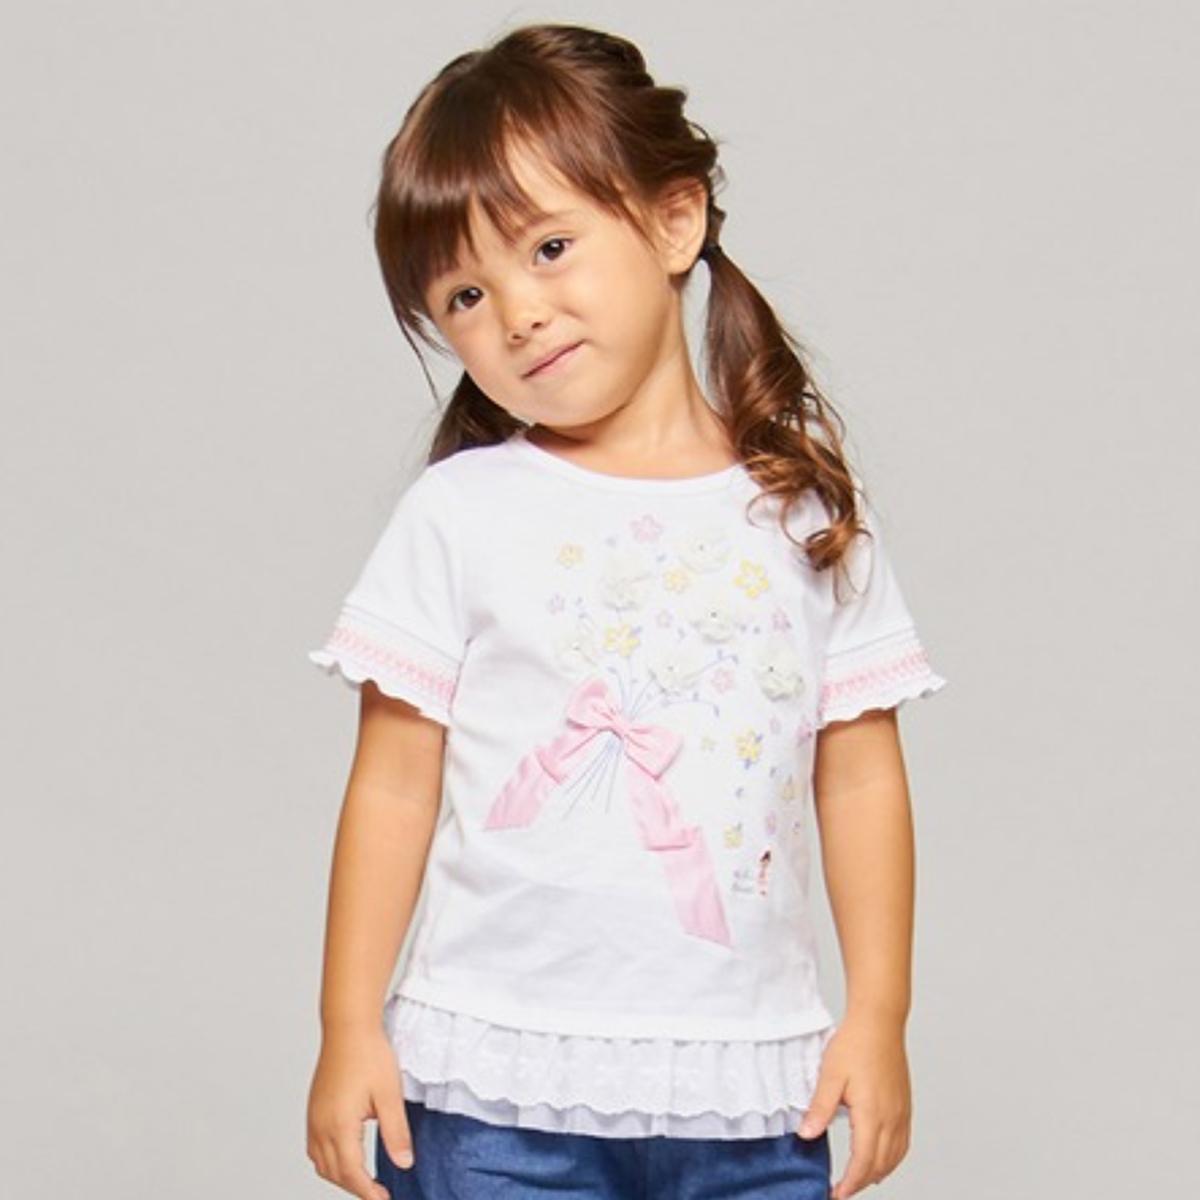 【MIKIHOUSE ミキハウス】スワロフスキー ラインストーン半袖Tシャツ(110cm-140cm)